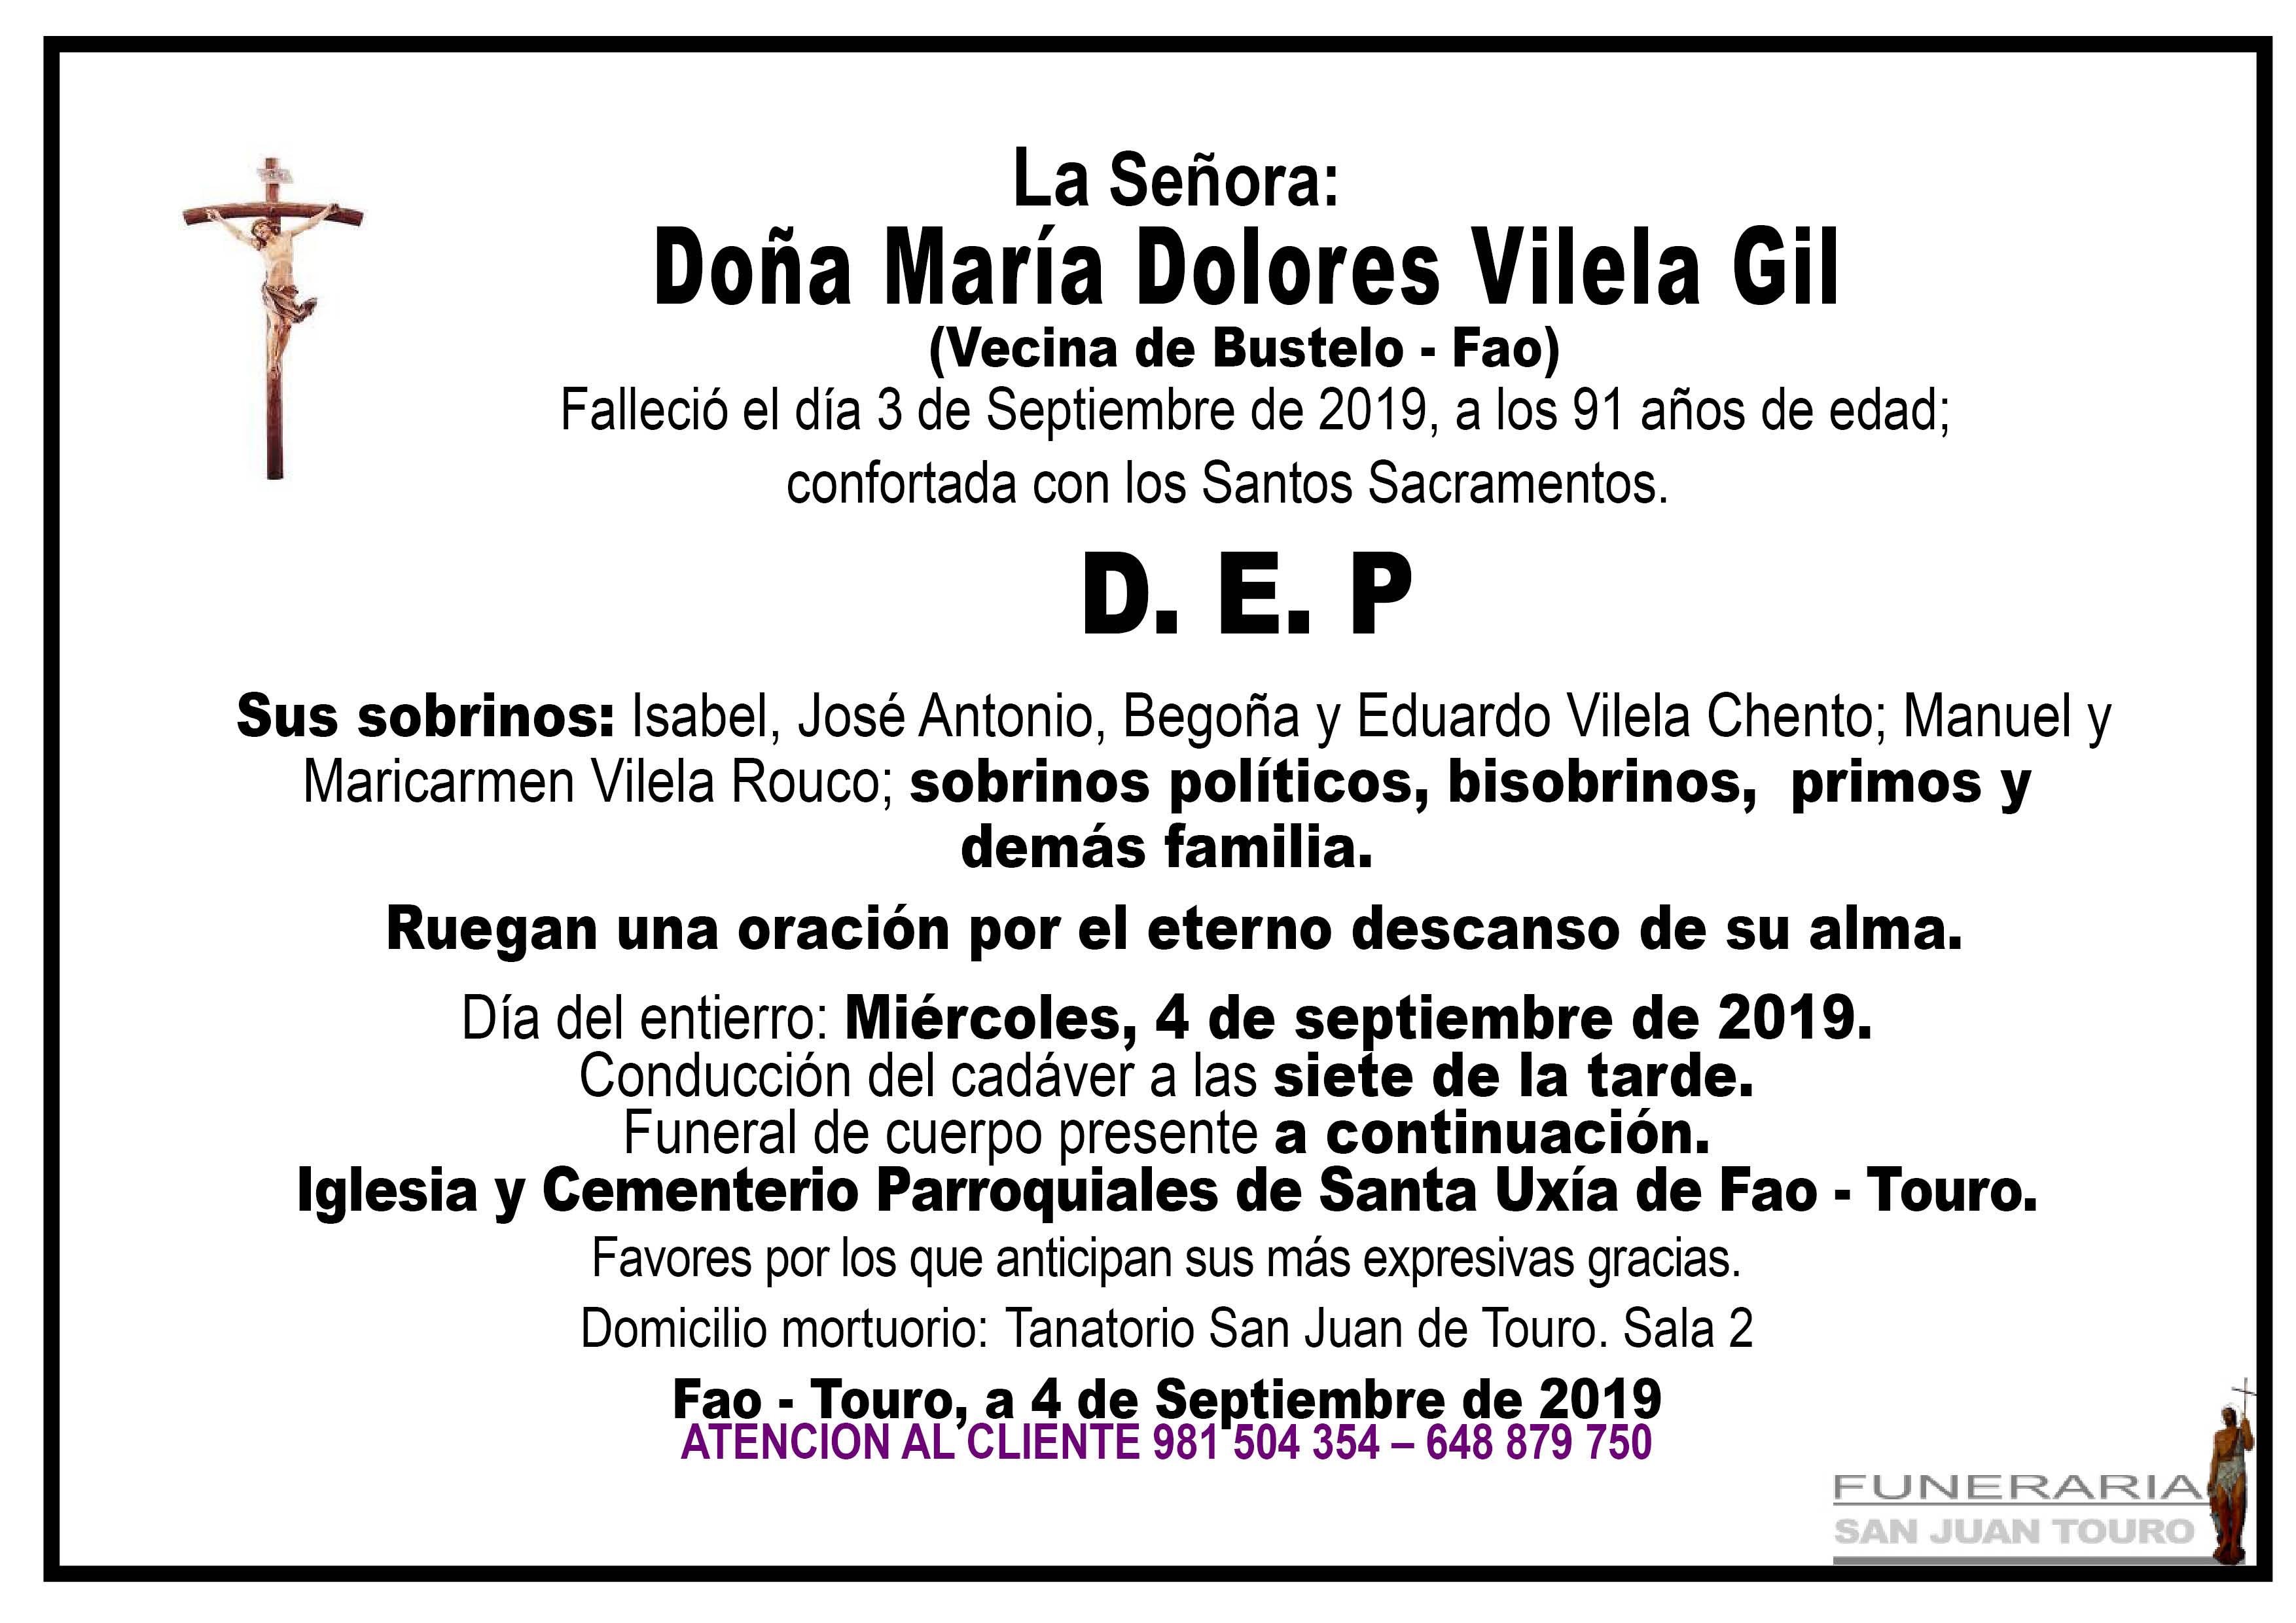 Esquela de SEPELIO DE DOÑA MARÍA DOLORES VILELA GIL